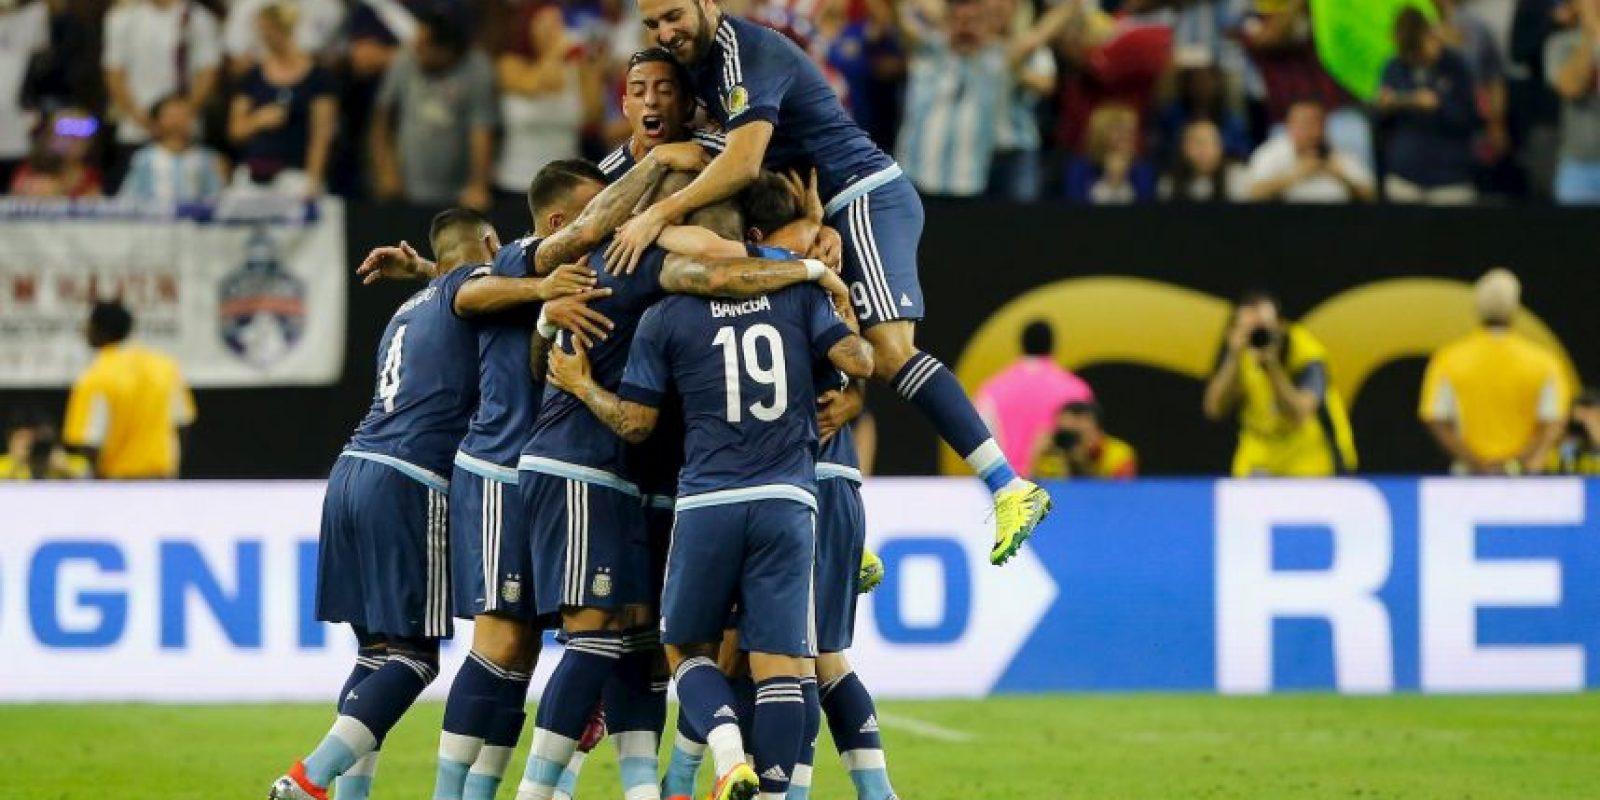 Argentina enfrentará a Chile en la final y reeditarán la definición de la Copa América 2015 Foto:Getty Images